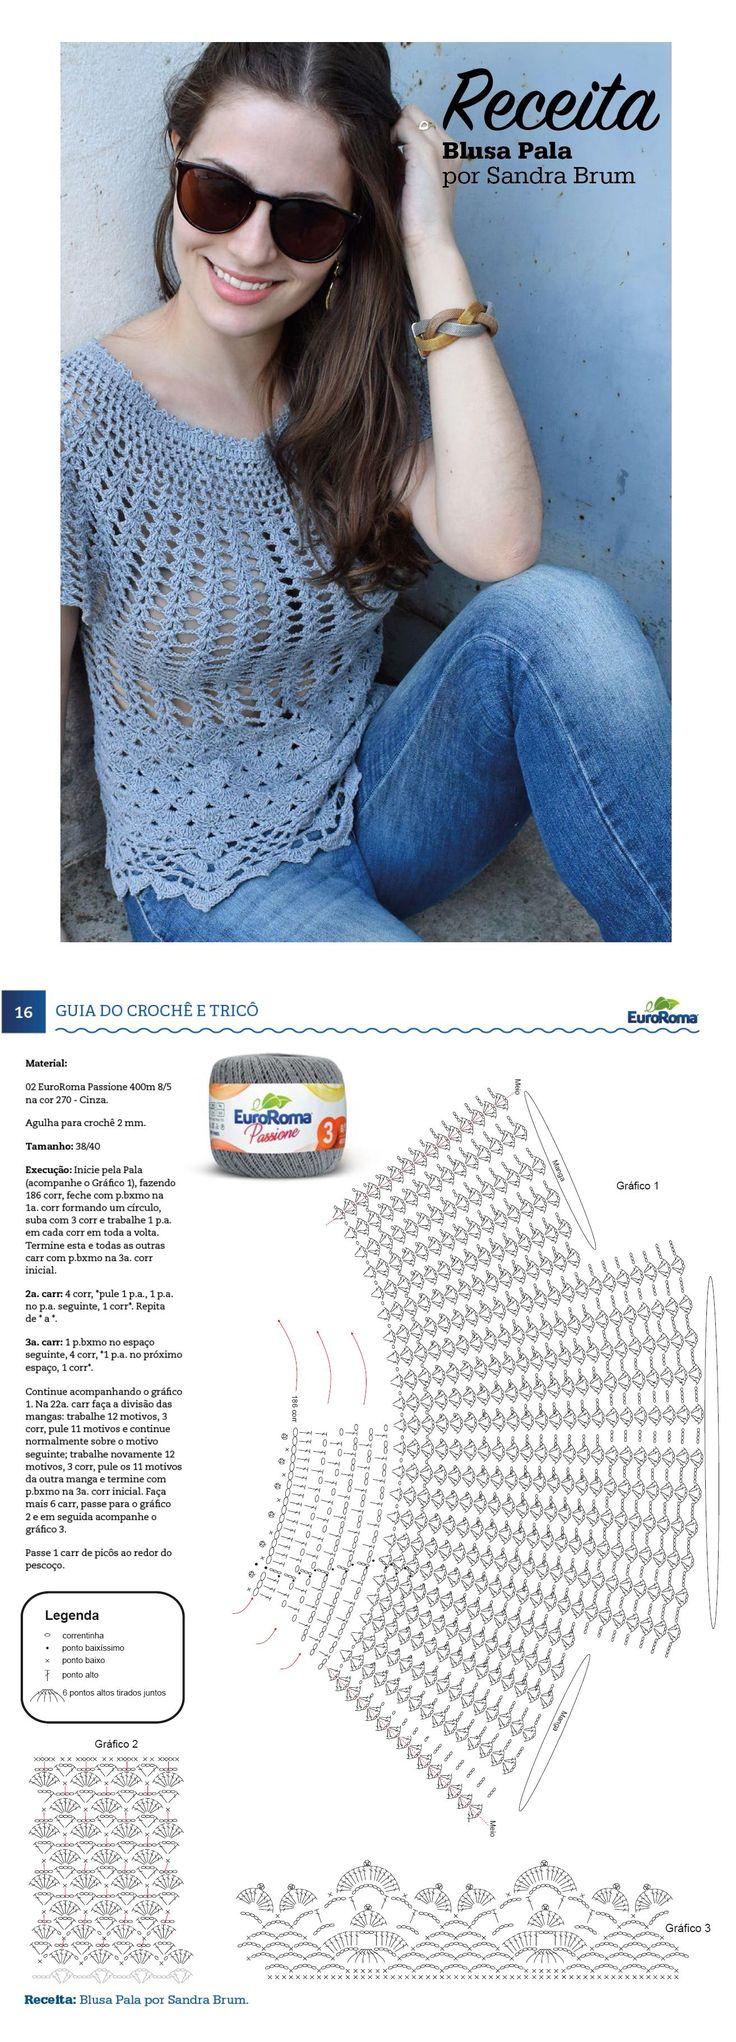 Guia do do Crochê - Moda Especial. Blusa Pala por Sandra Brum, com EuroRoma Passione 400m 8/5, na cor 270 - Cinza.